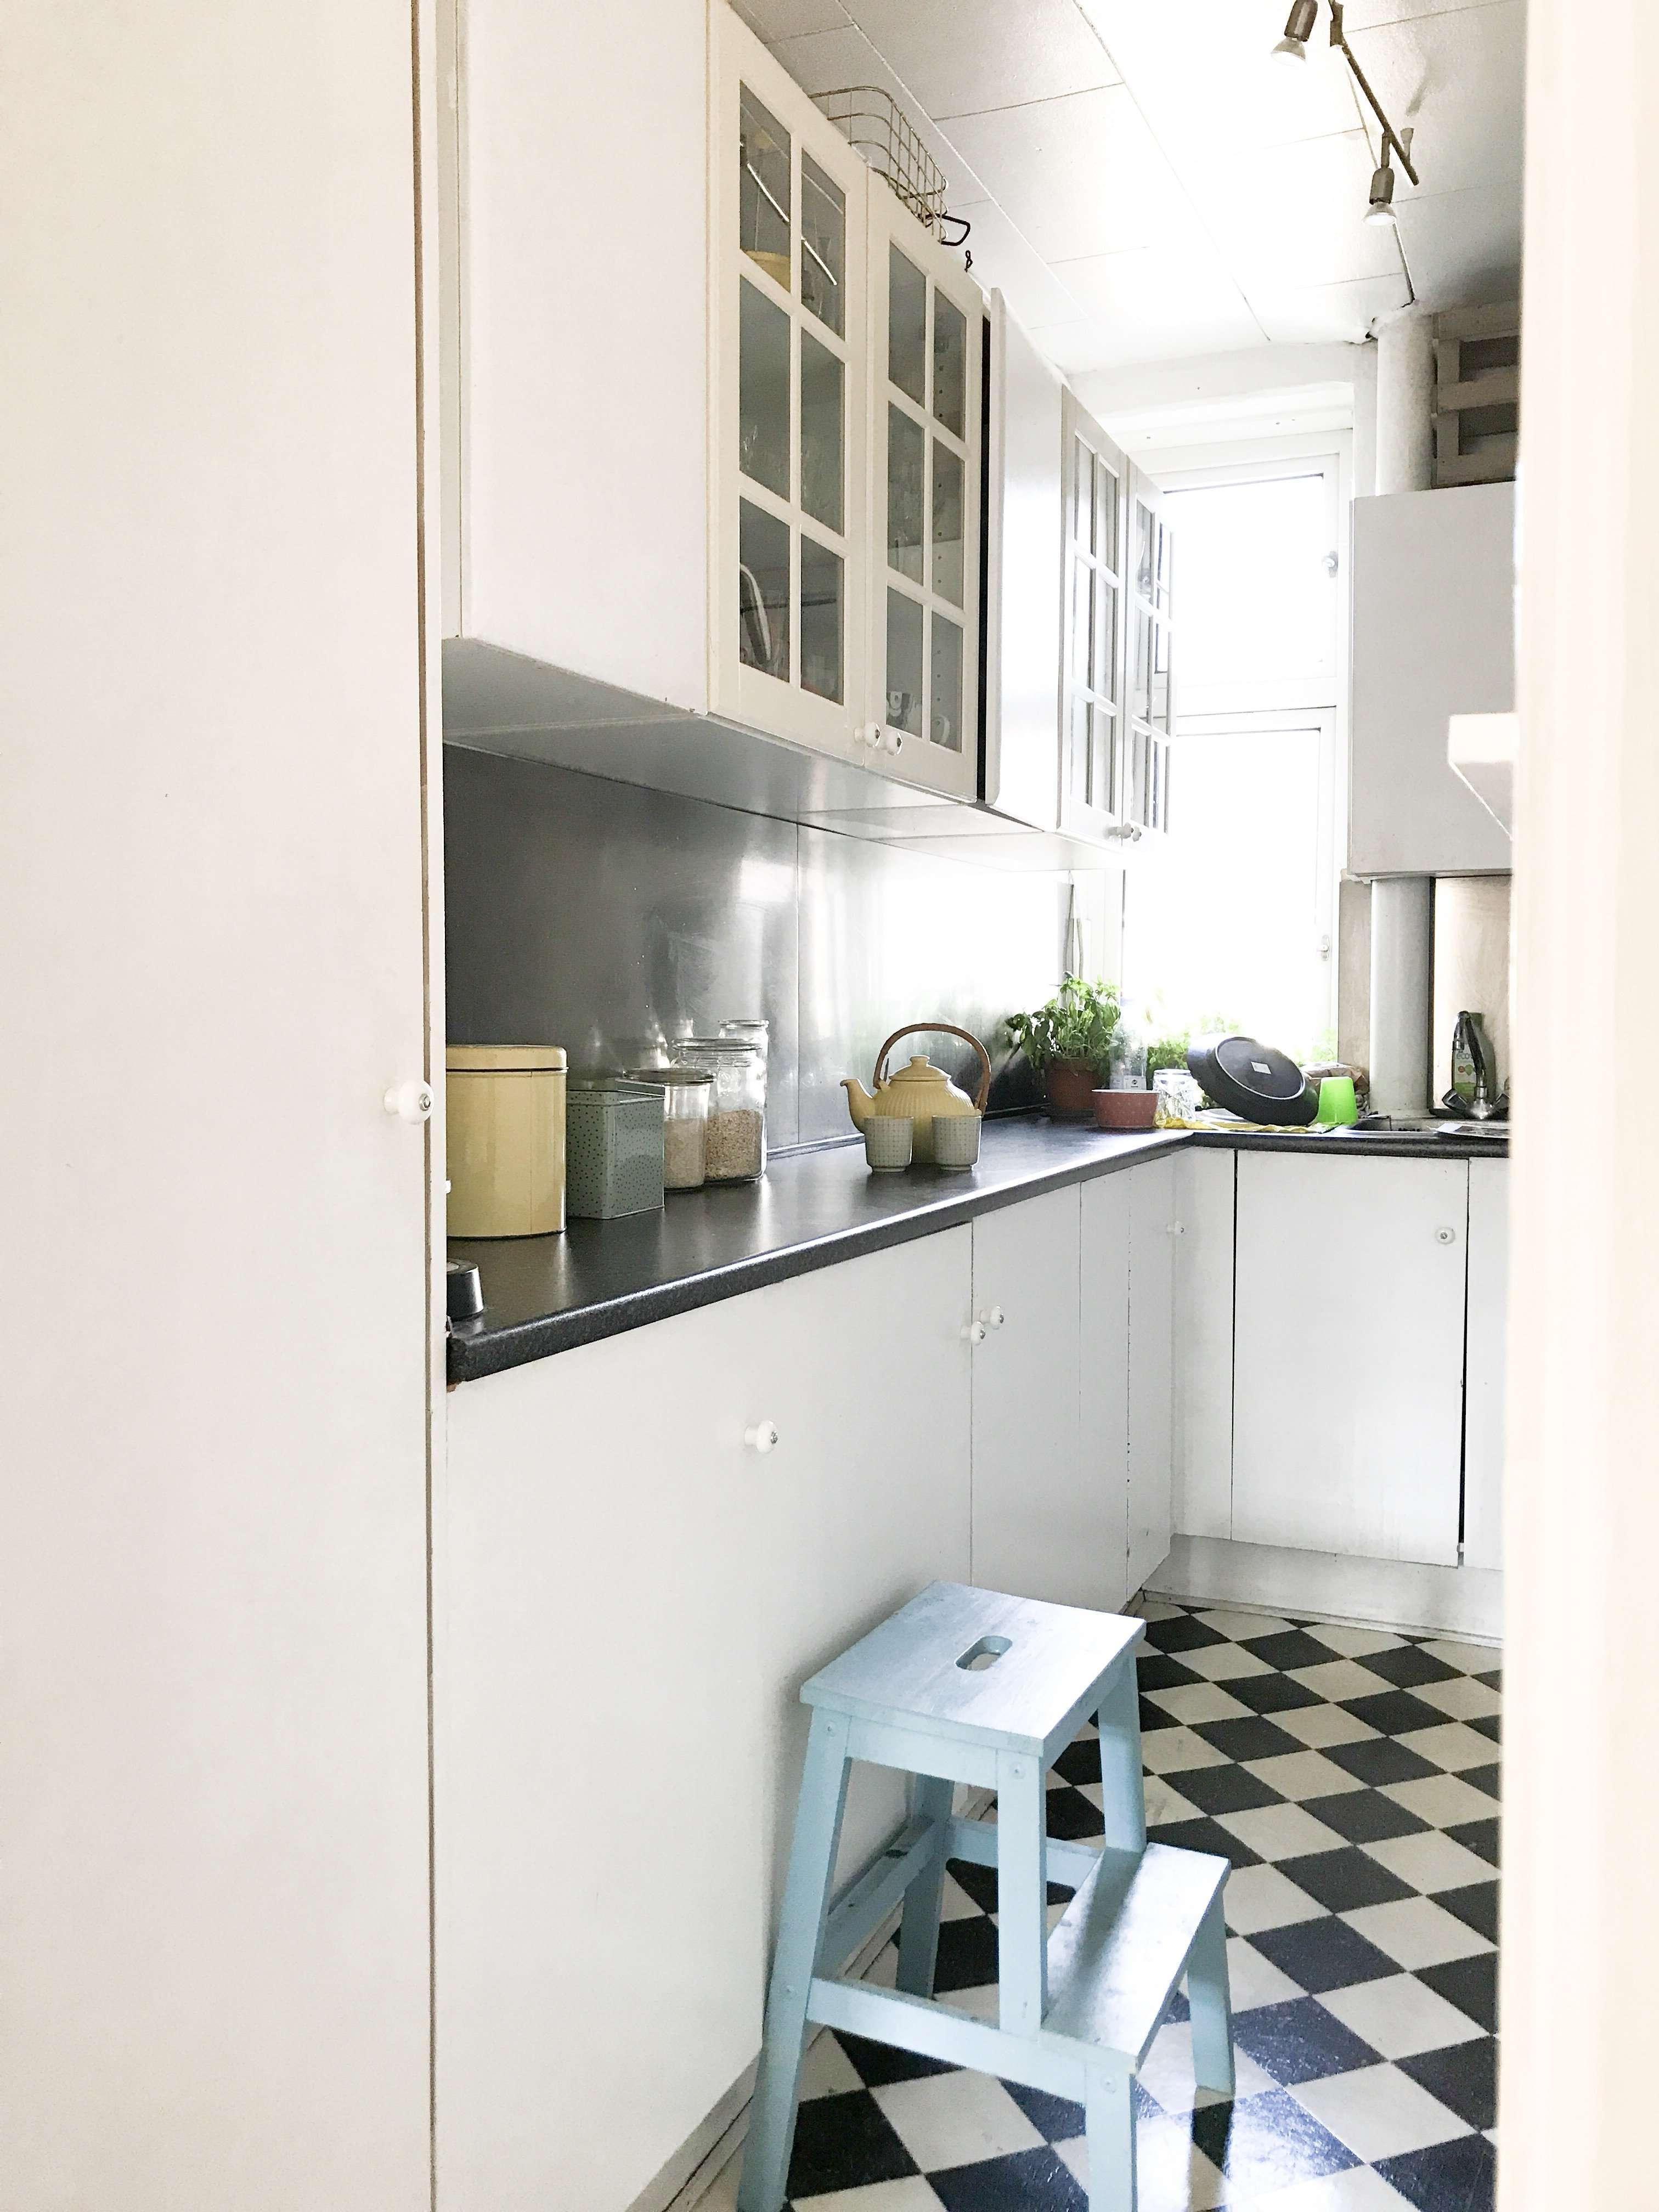 Viaje a Copenhague (Parte I) – estoreta – Family, Craft & Deco